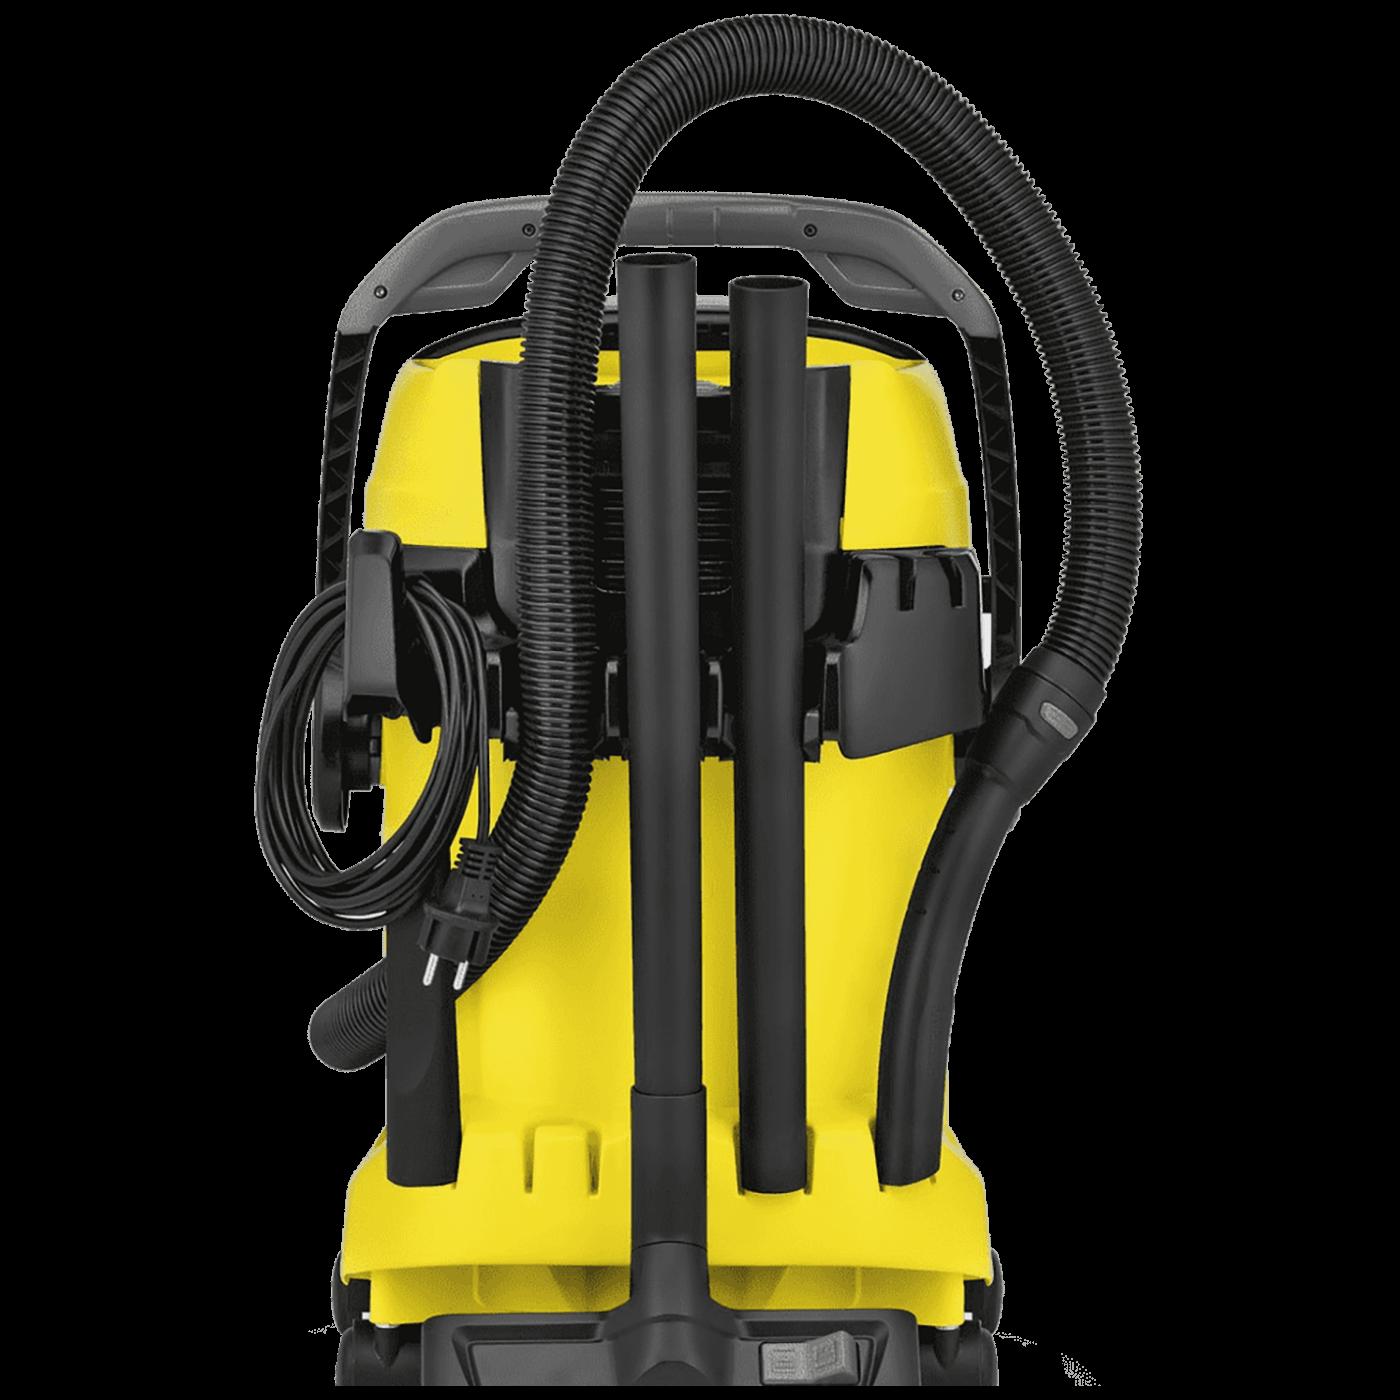 Usisavač za mokro/suho usisavanje, 1100W, spremnik 25lit